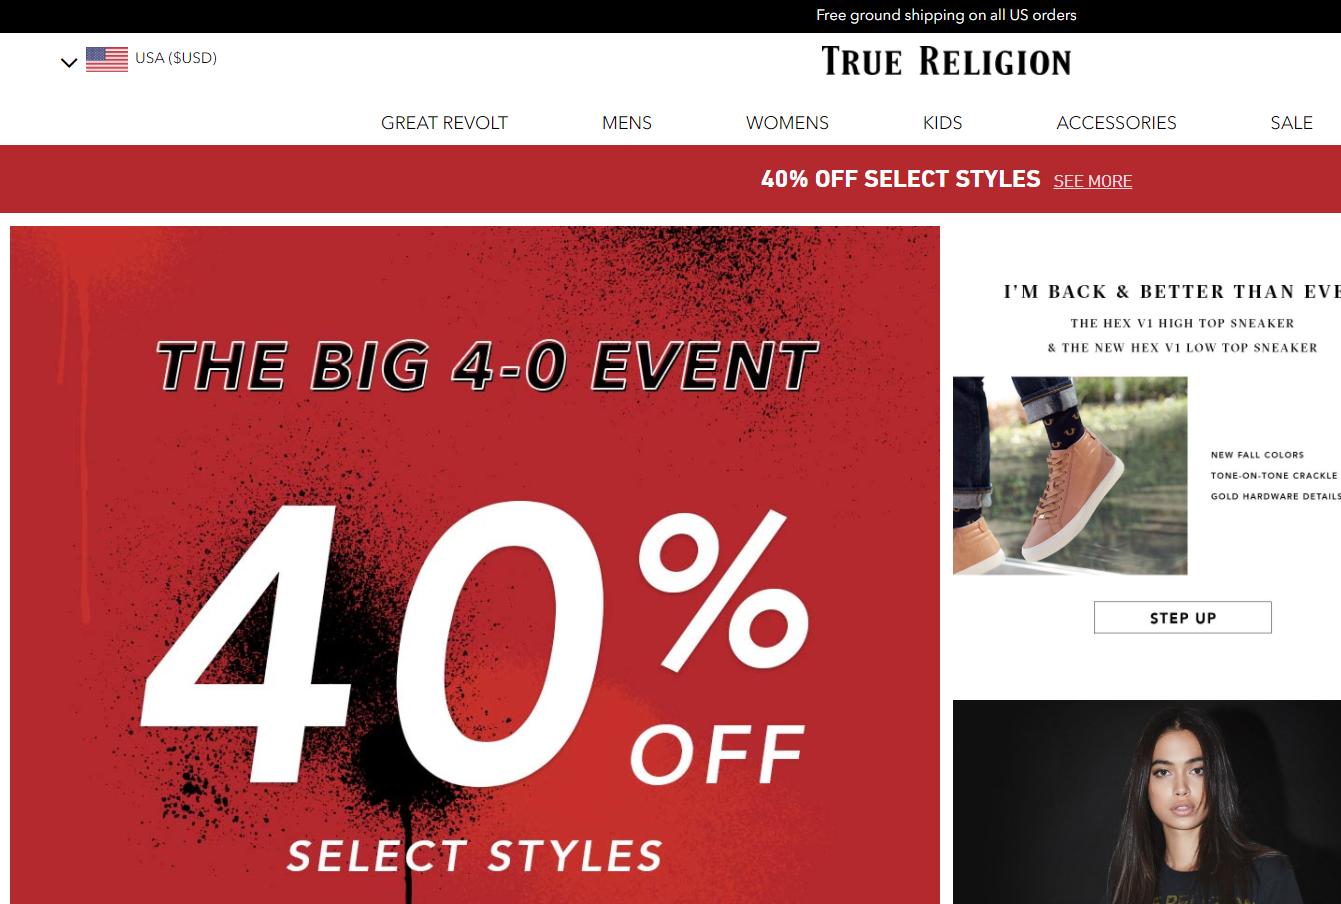 美国高端牛仔品牌 True Religion 脱离破产保护,债务大幅减少